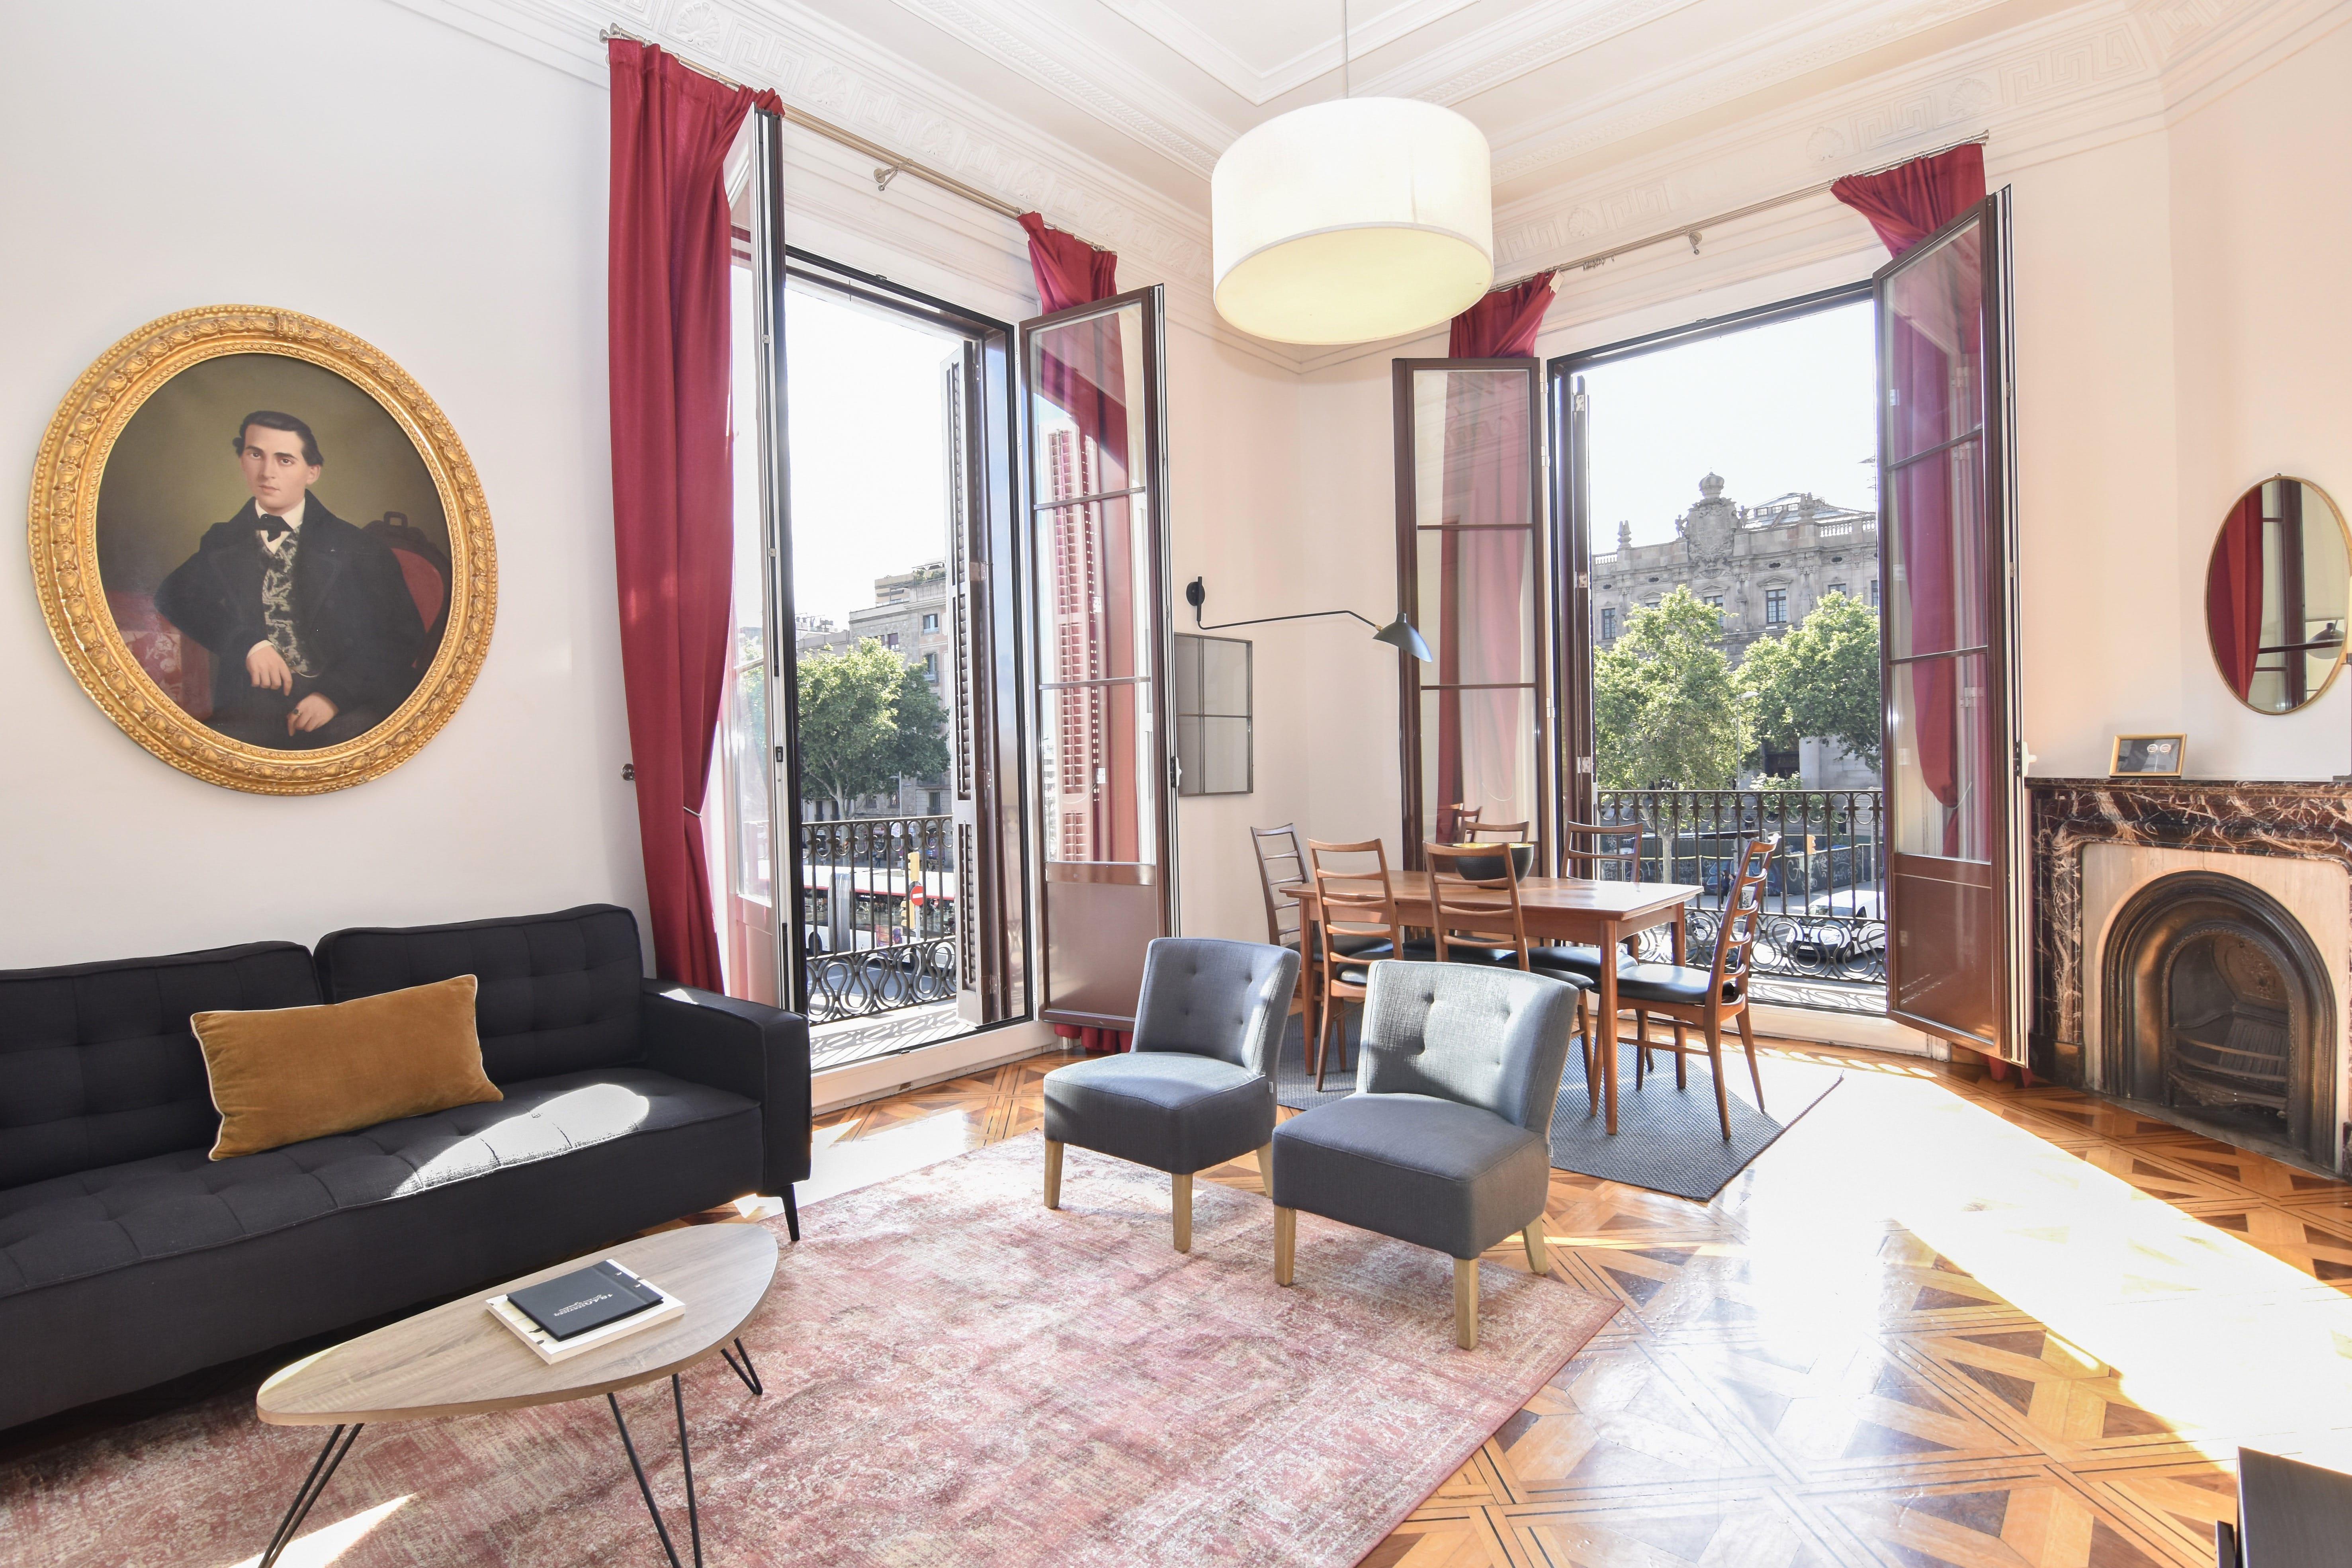 Besta Salle A Manger living and dining room|salon et salle à manger|salon comedor